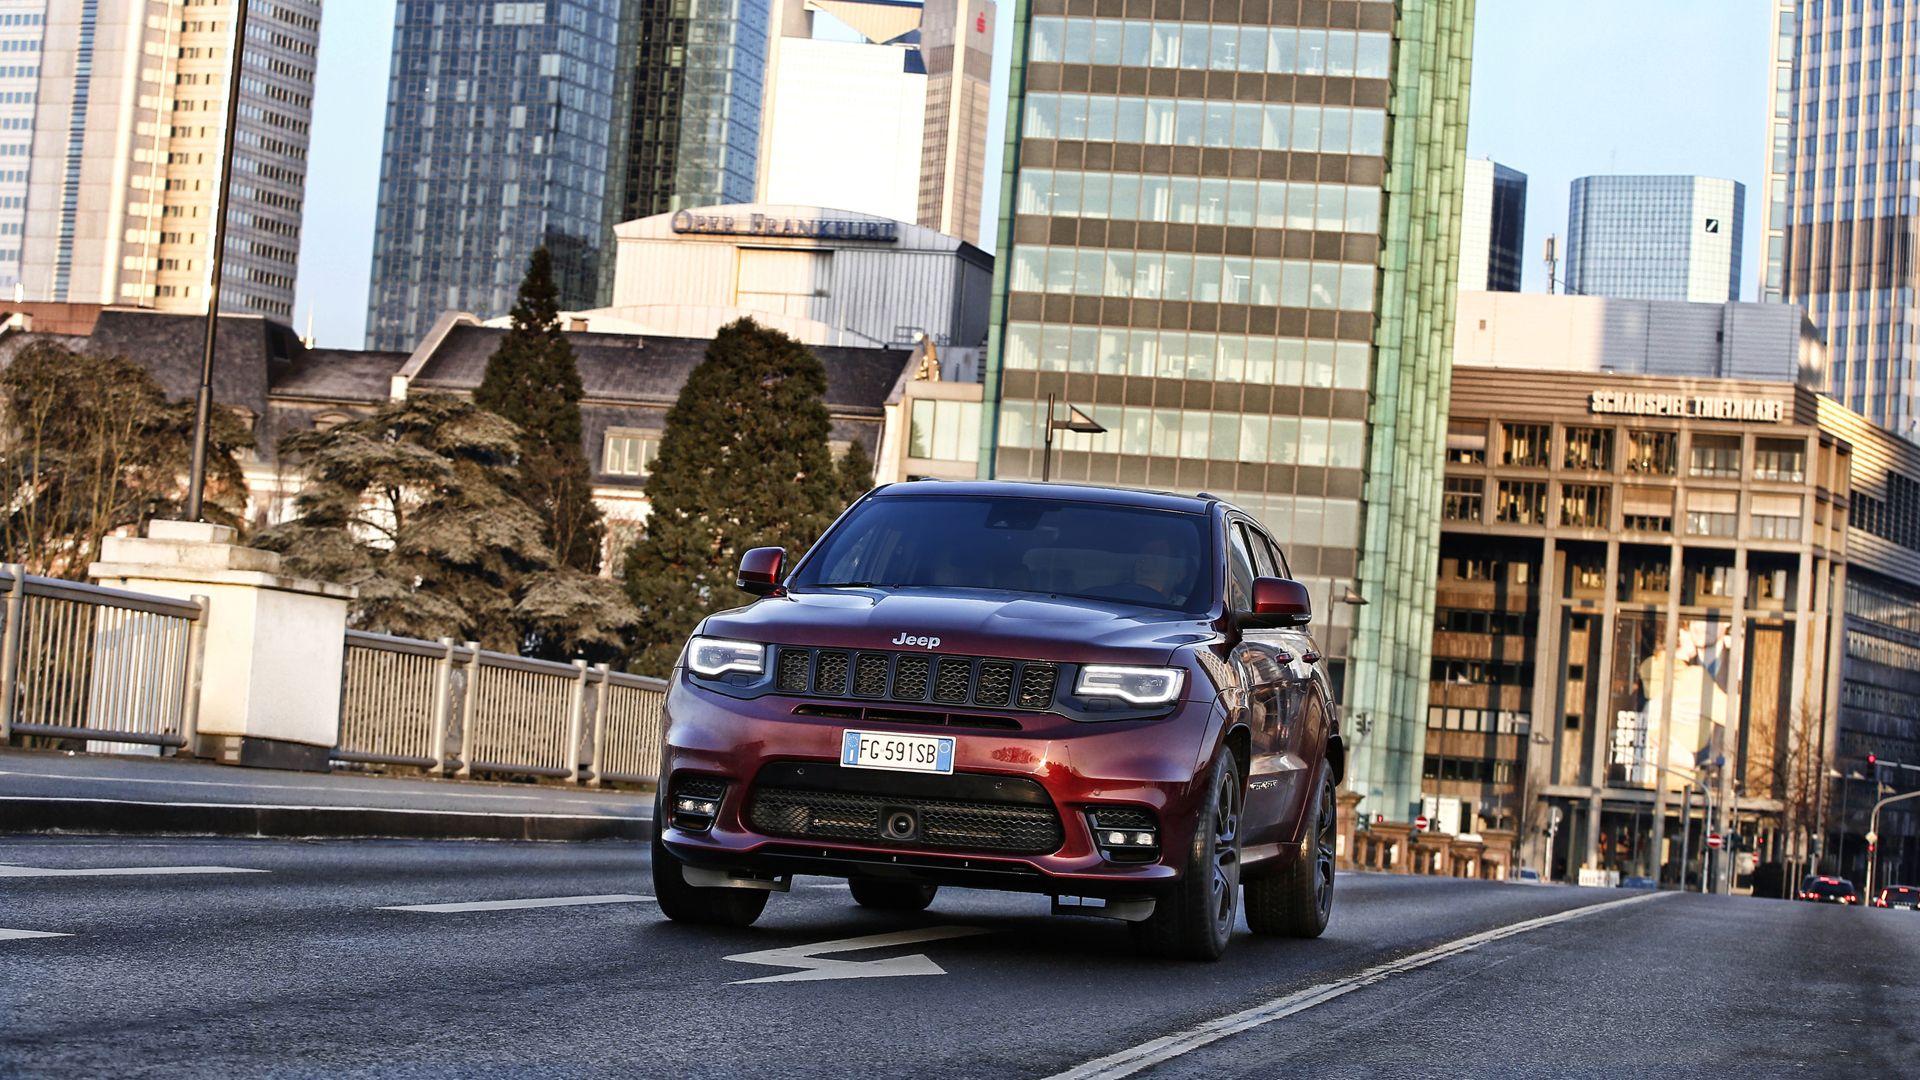 JEEP     <altSatir />VAHŞİLİK GÜZELLİKTİR      <altSatir />Yeni Jeep® Cherokee üstün yol tutuşu, performansı, yakıt ekonomisi, sınıfının en iyi 4X4 özelliği ve birinci sınıf özel teknolojisiyle sınıfında çıtayı yükseltiyor.